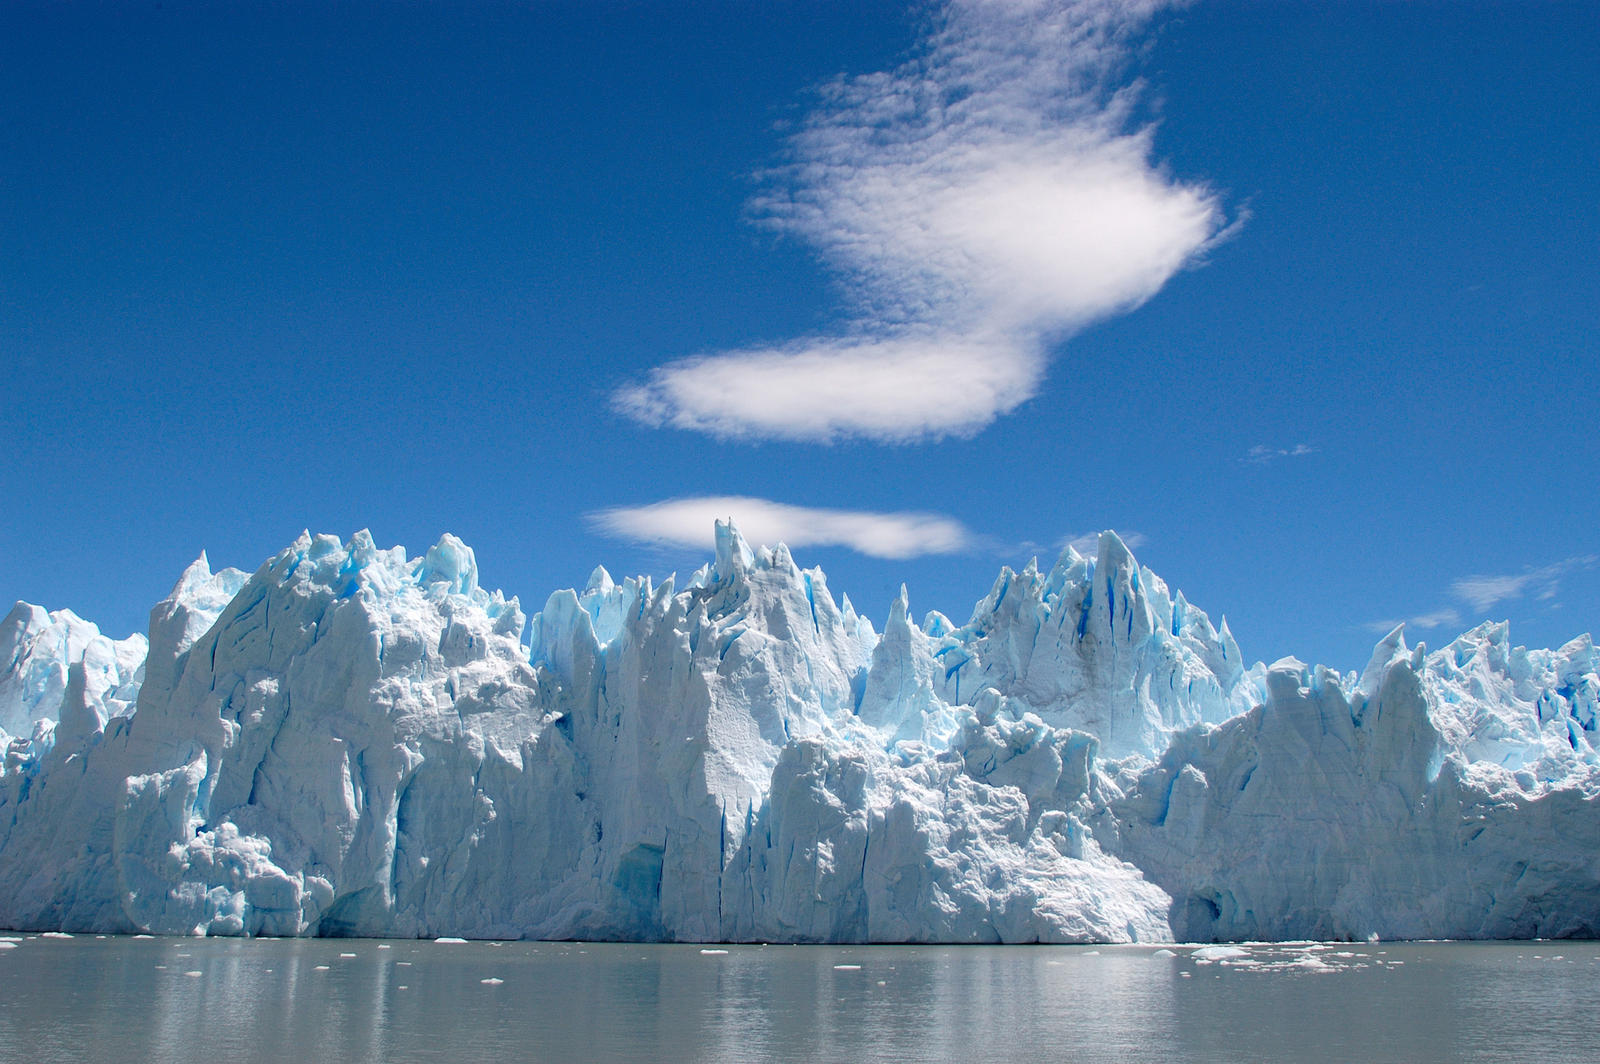 Perito Moreno Glacier Los Glaciares National Park Michel Gunther WW191791